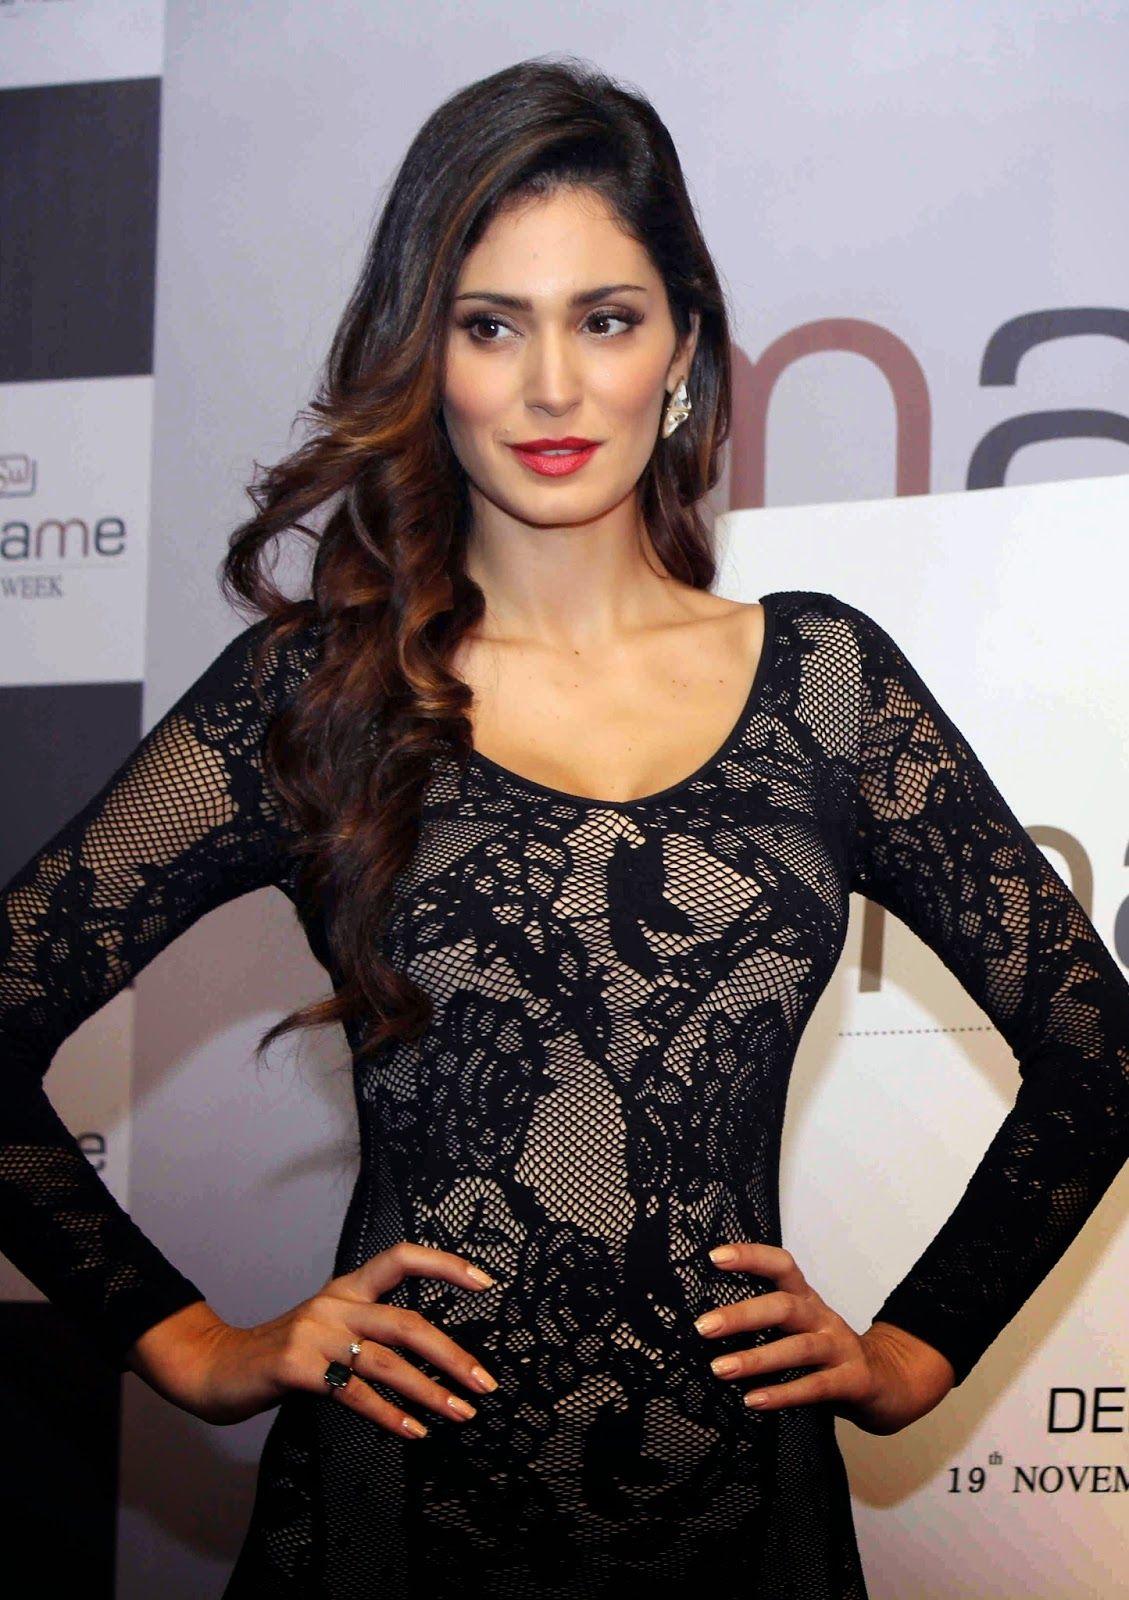 Bruna abdullah hot back bruna abdullah in short dress bruna abdullah - Bruna Abdullah Arab Brazilian Model